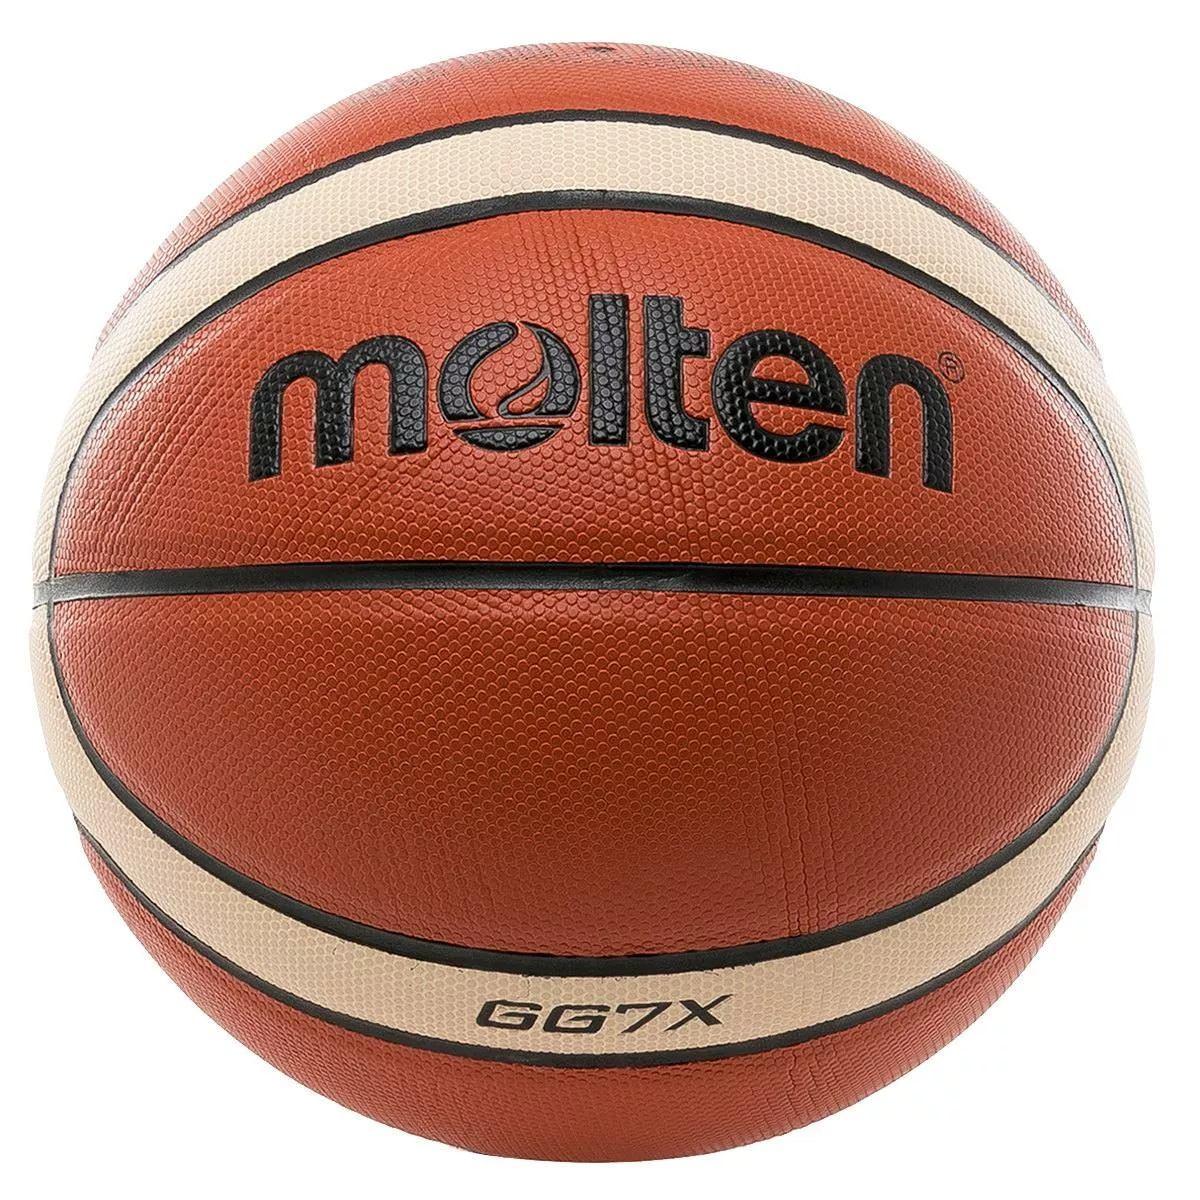 f075808163f8a pelota basquet n7 molten gg7x (oficial). Cargando zoom.